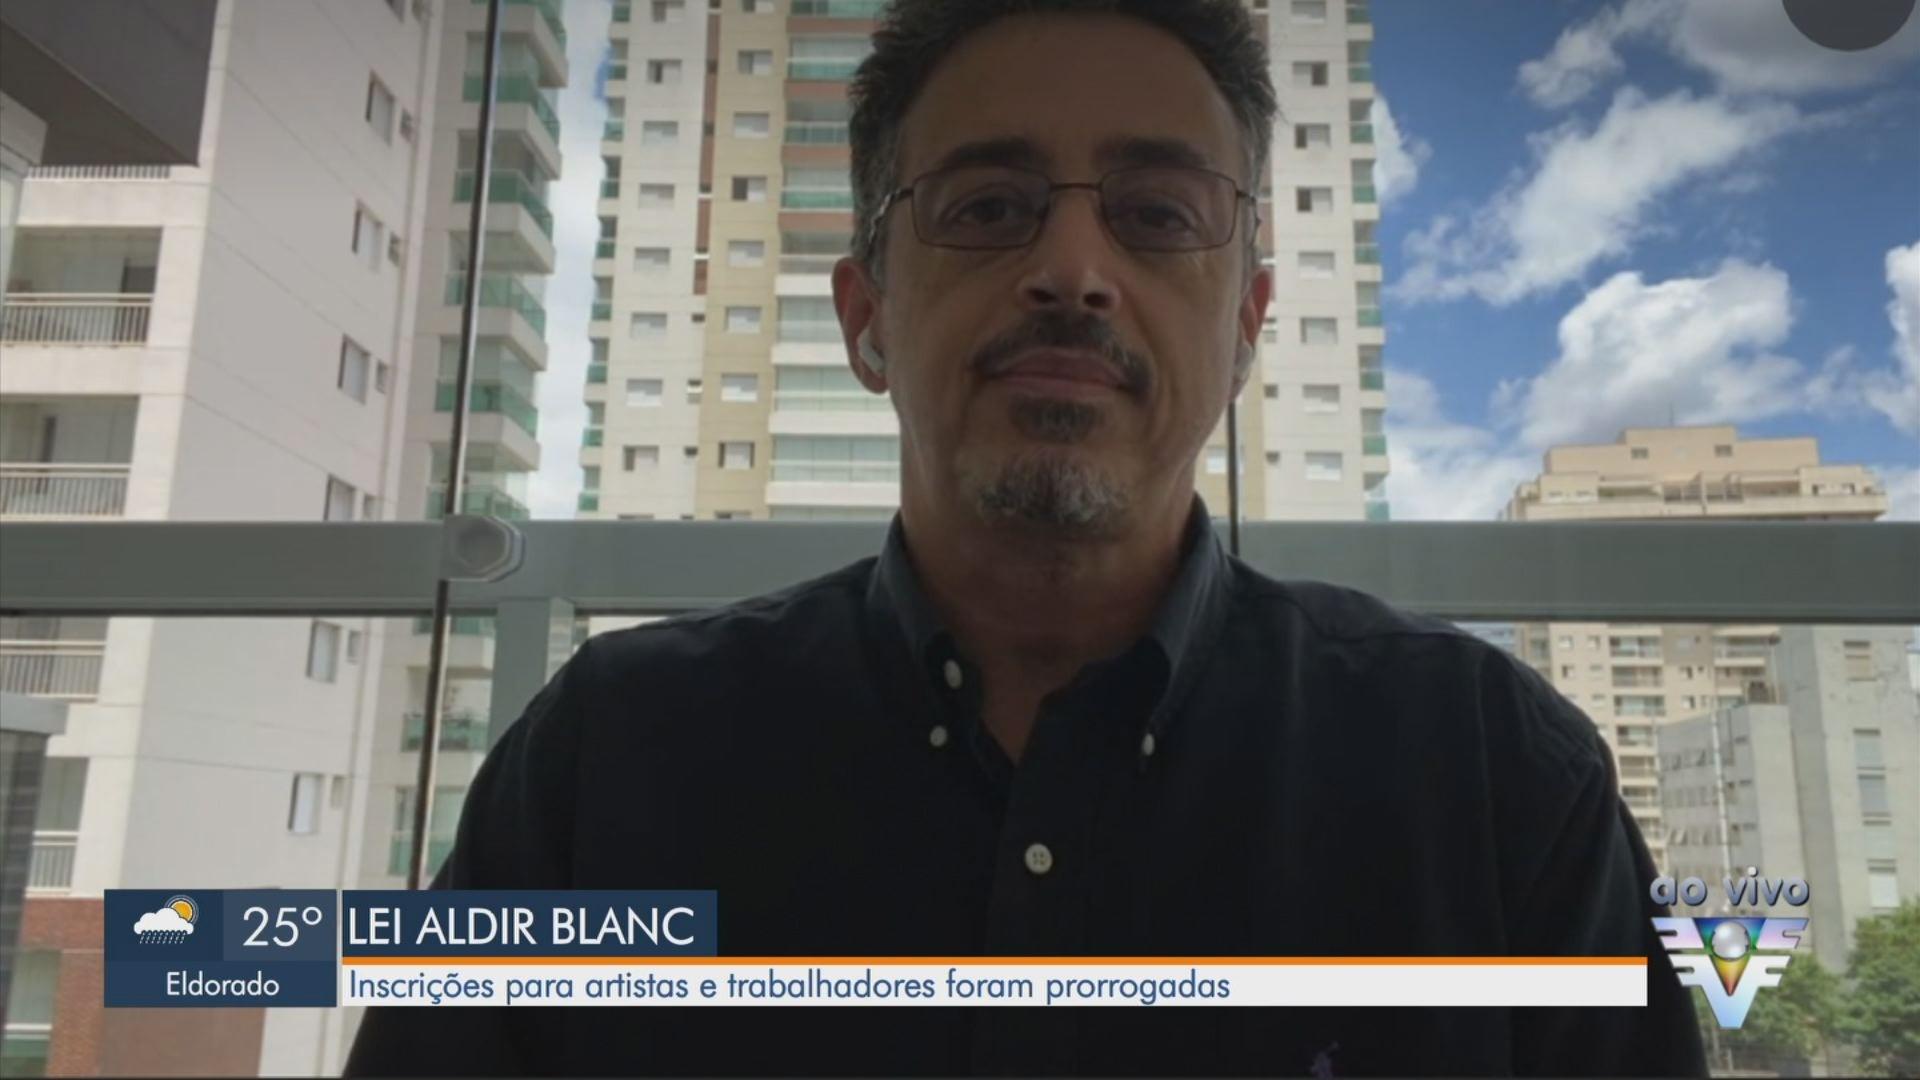 VÍDEOS: Jornal da Tribuna 1ª Edição de segunda-feira, 26 de outubro